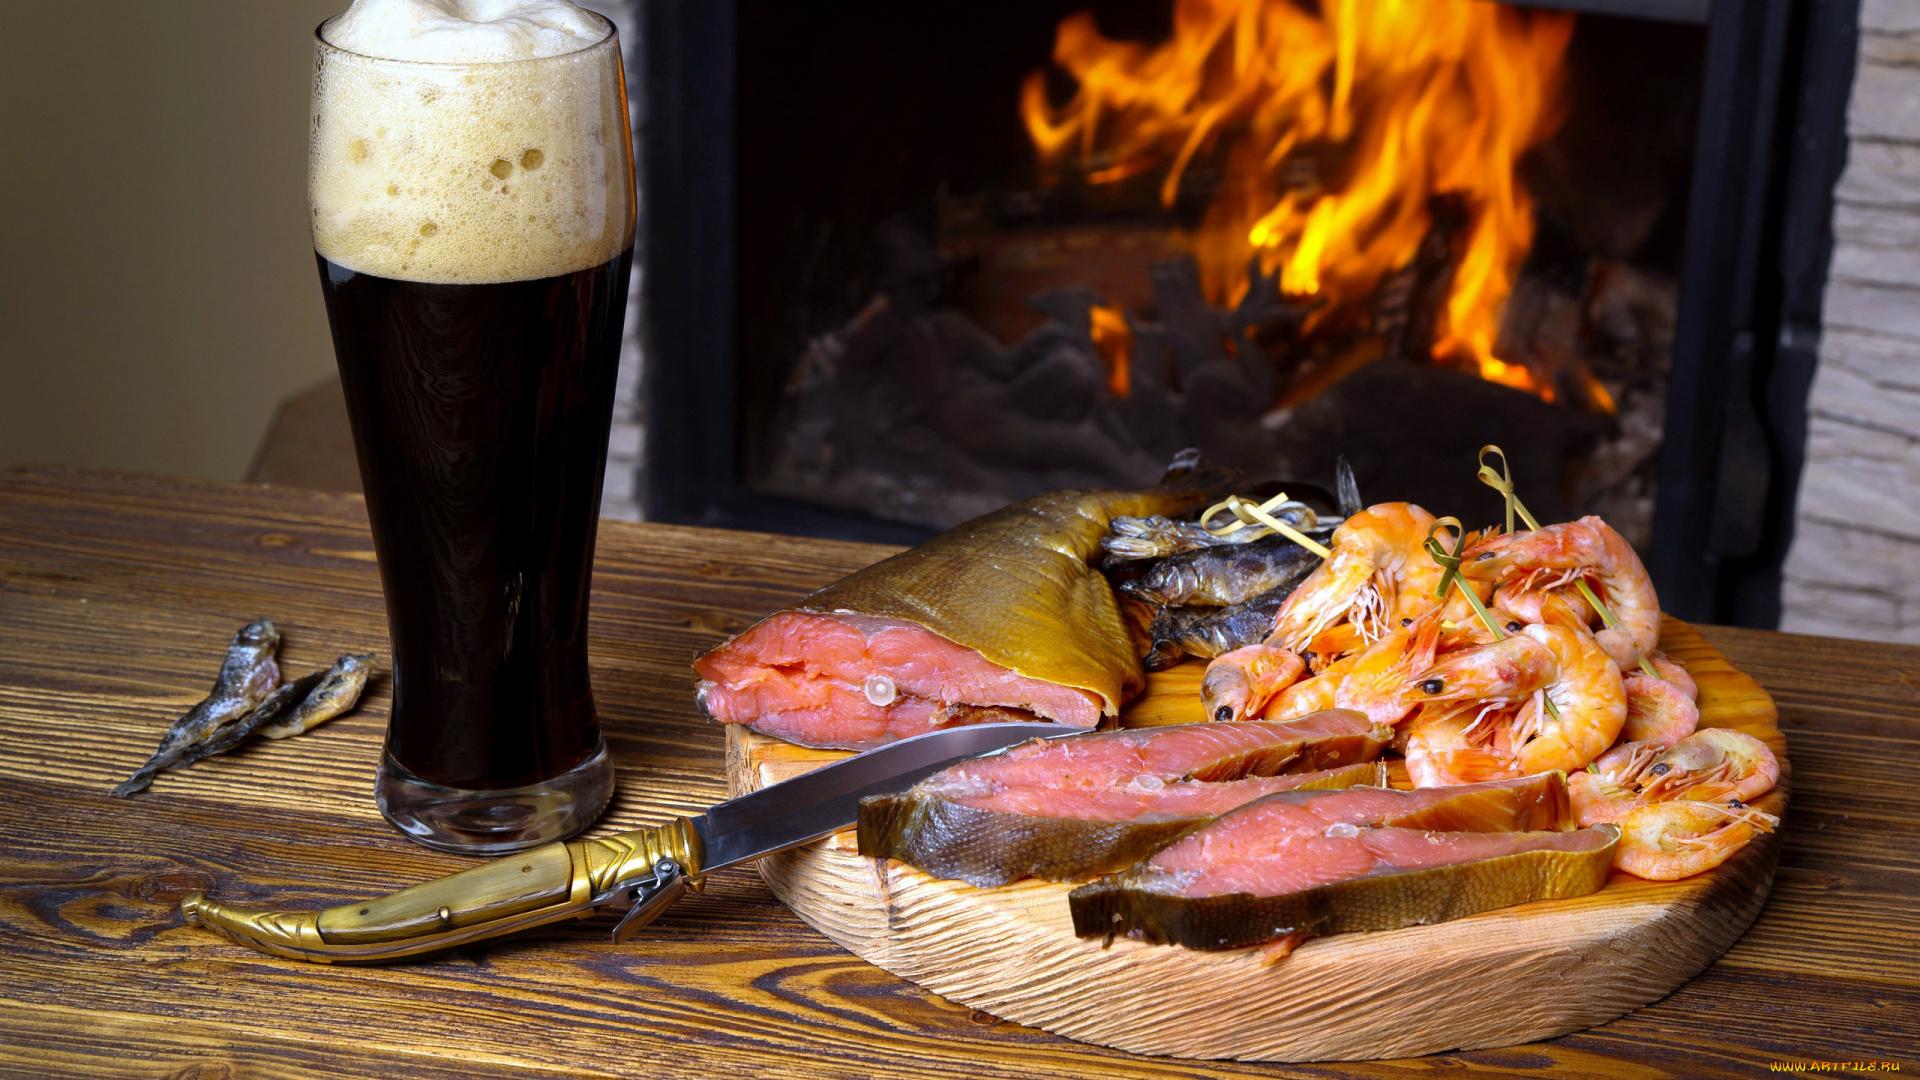 Картинки пива и рыбы в хорошем разрешении, днем